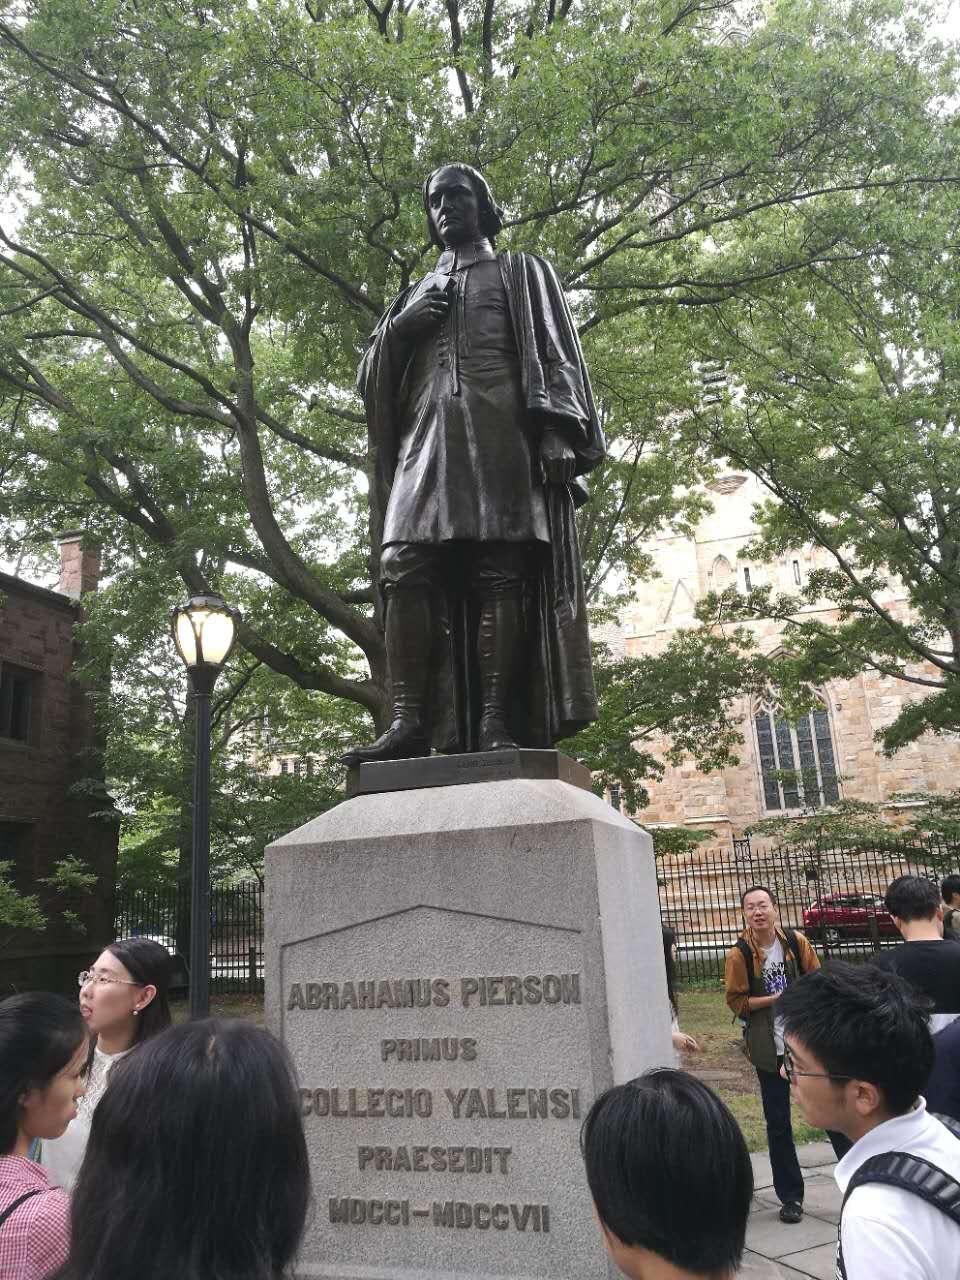 耶鲁大学建校捐赠者之一的雕塑